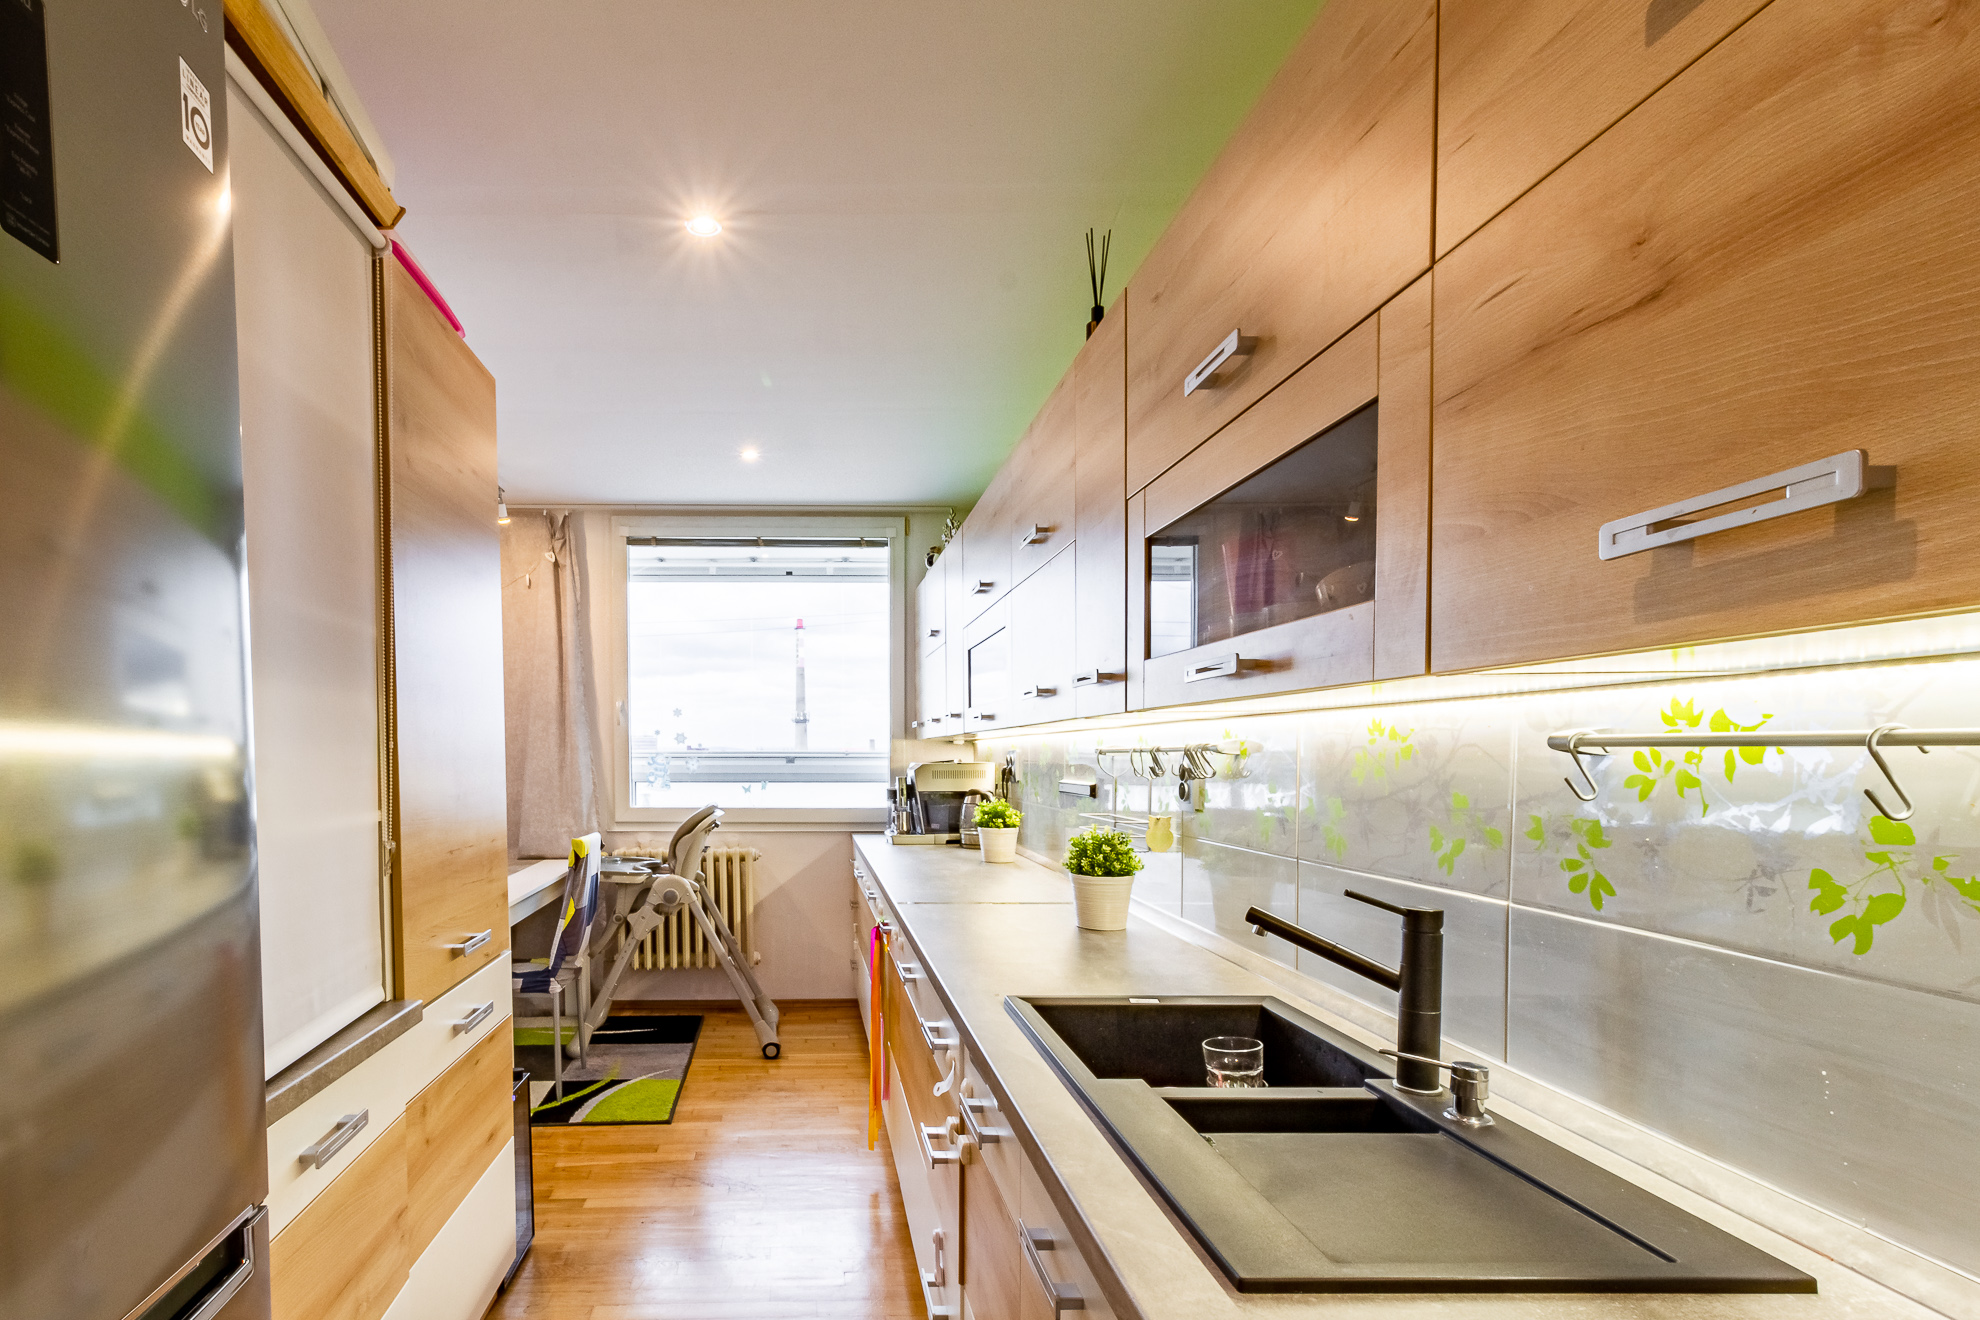 Kuchyňský kout navazující na obývací pokoj